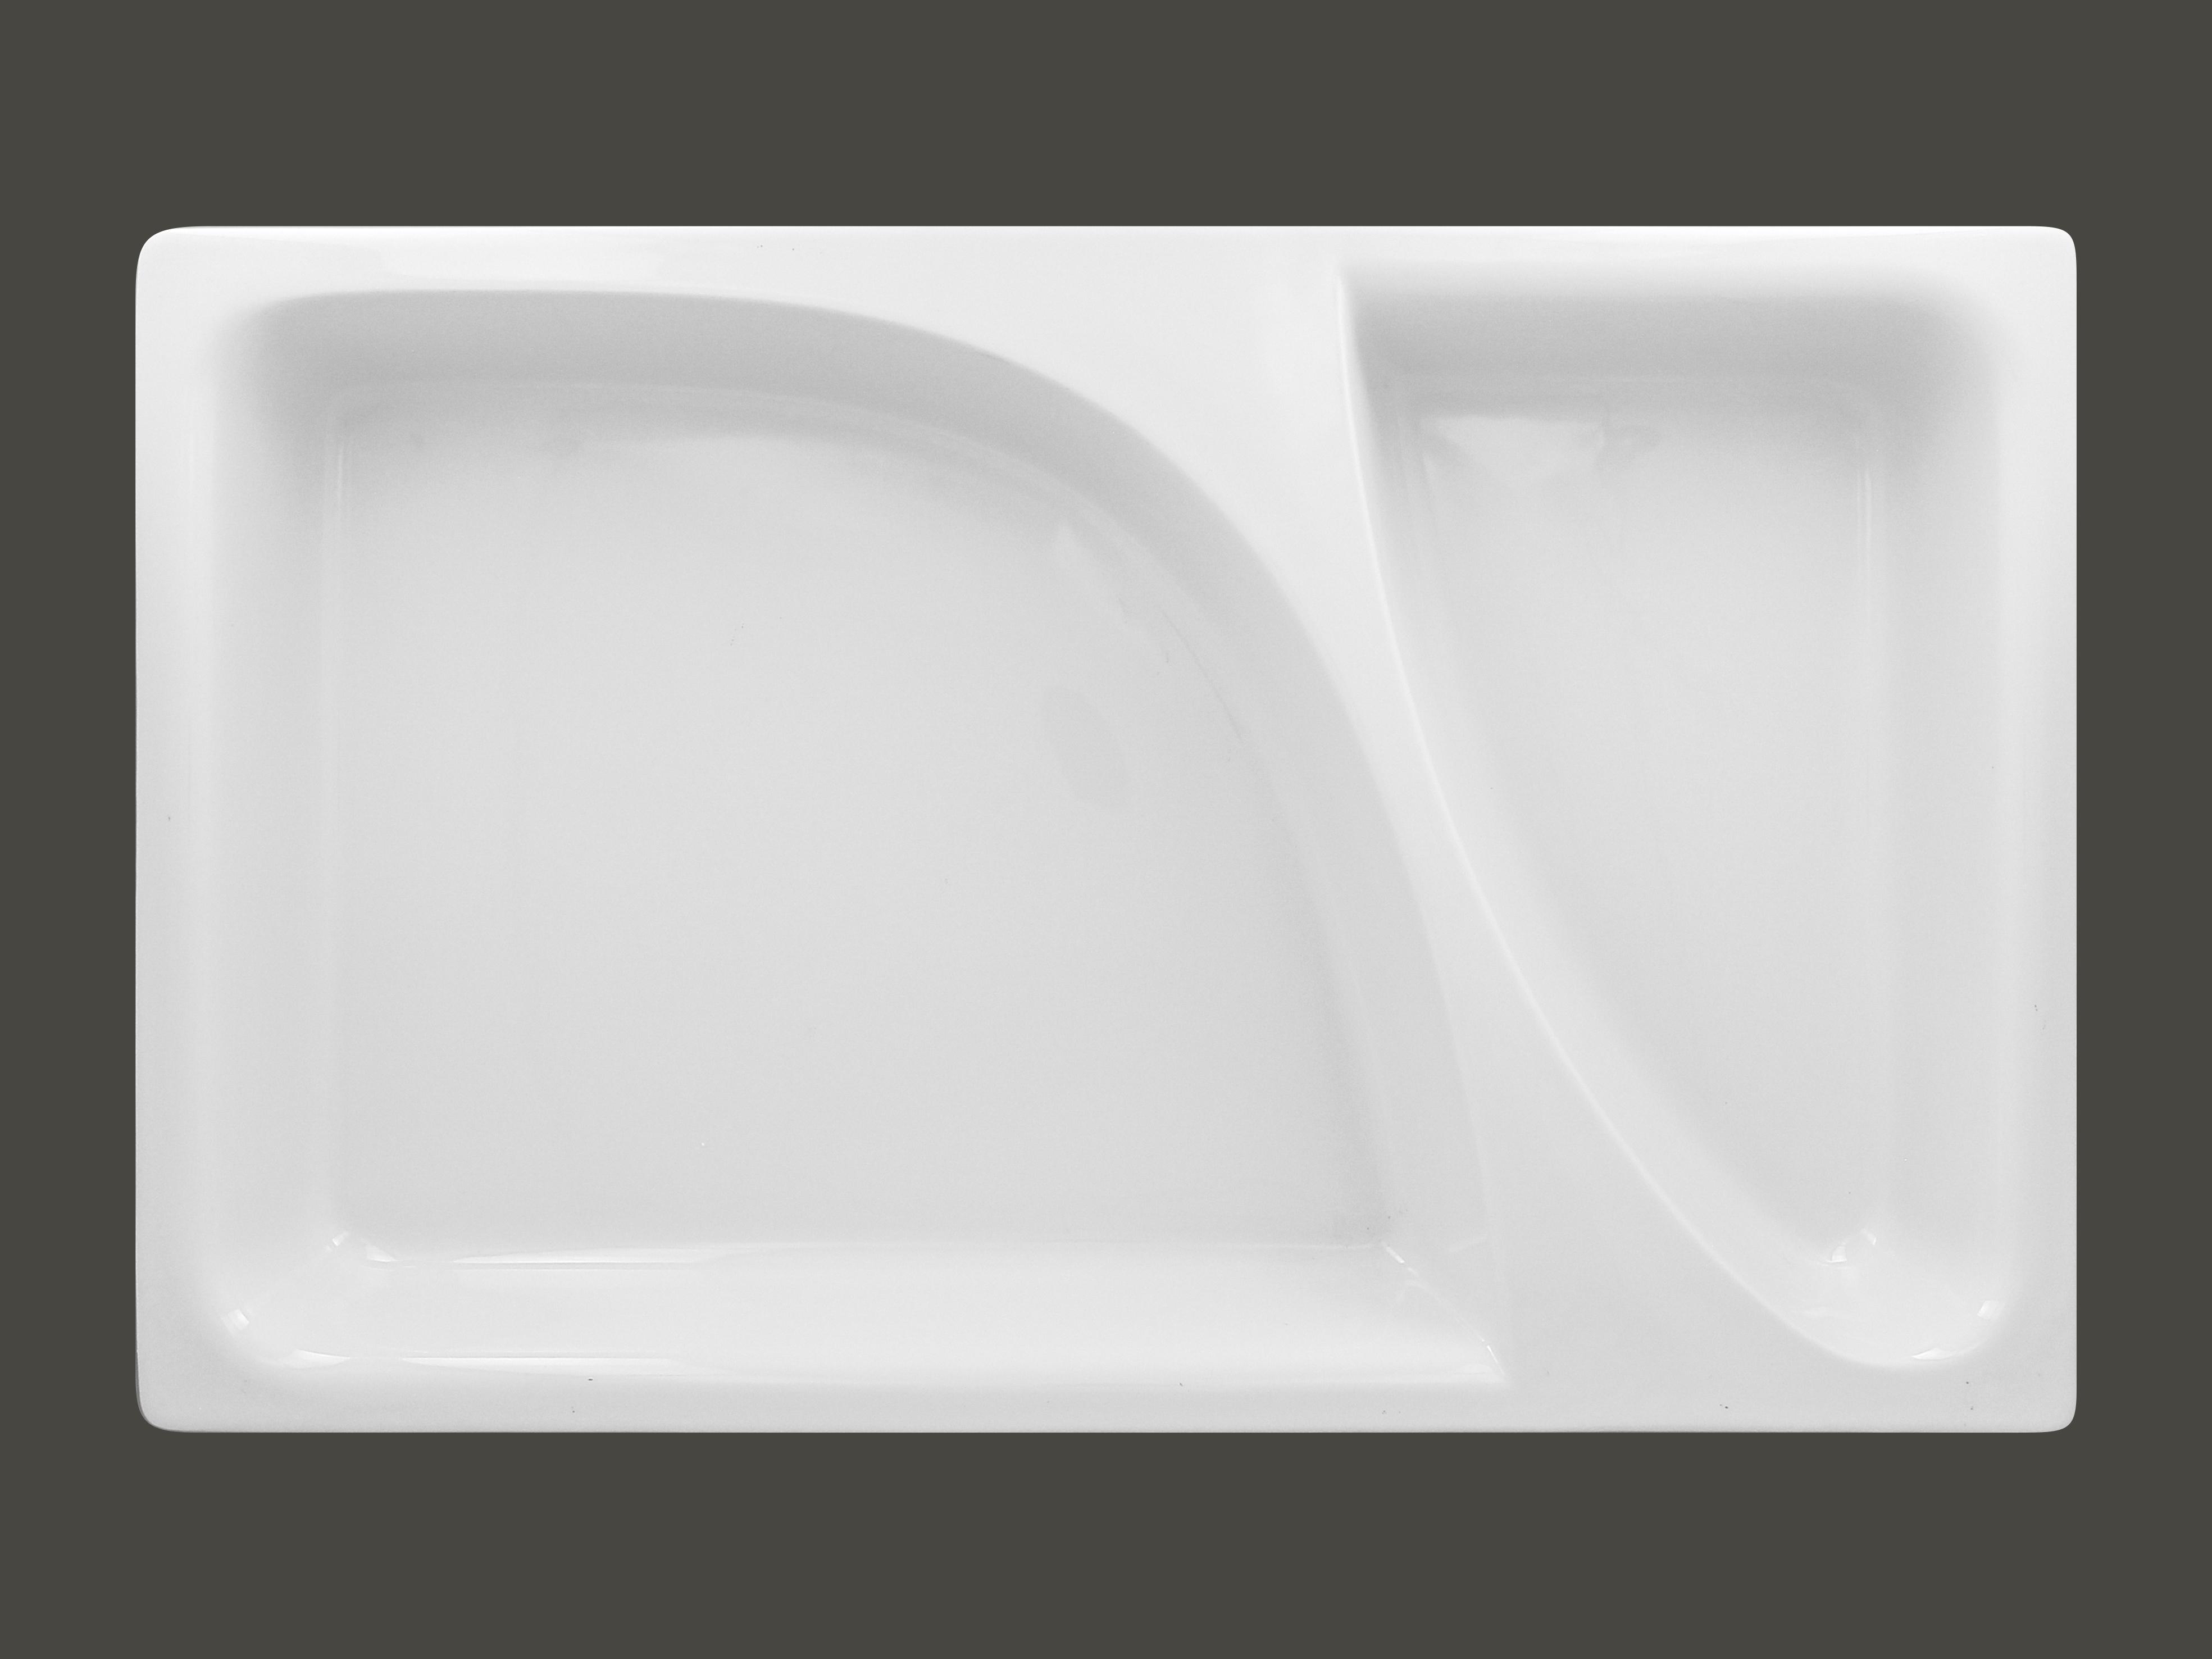 Gastro nádoba porcelánová Zamma Gn 1/1 dělená